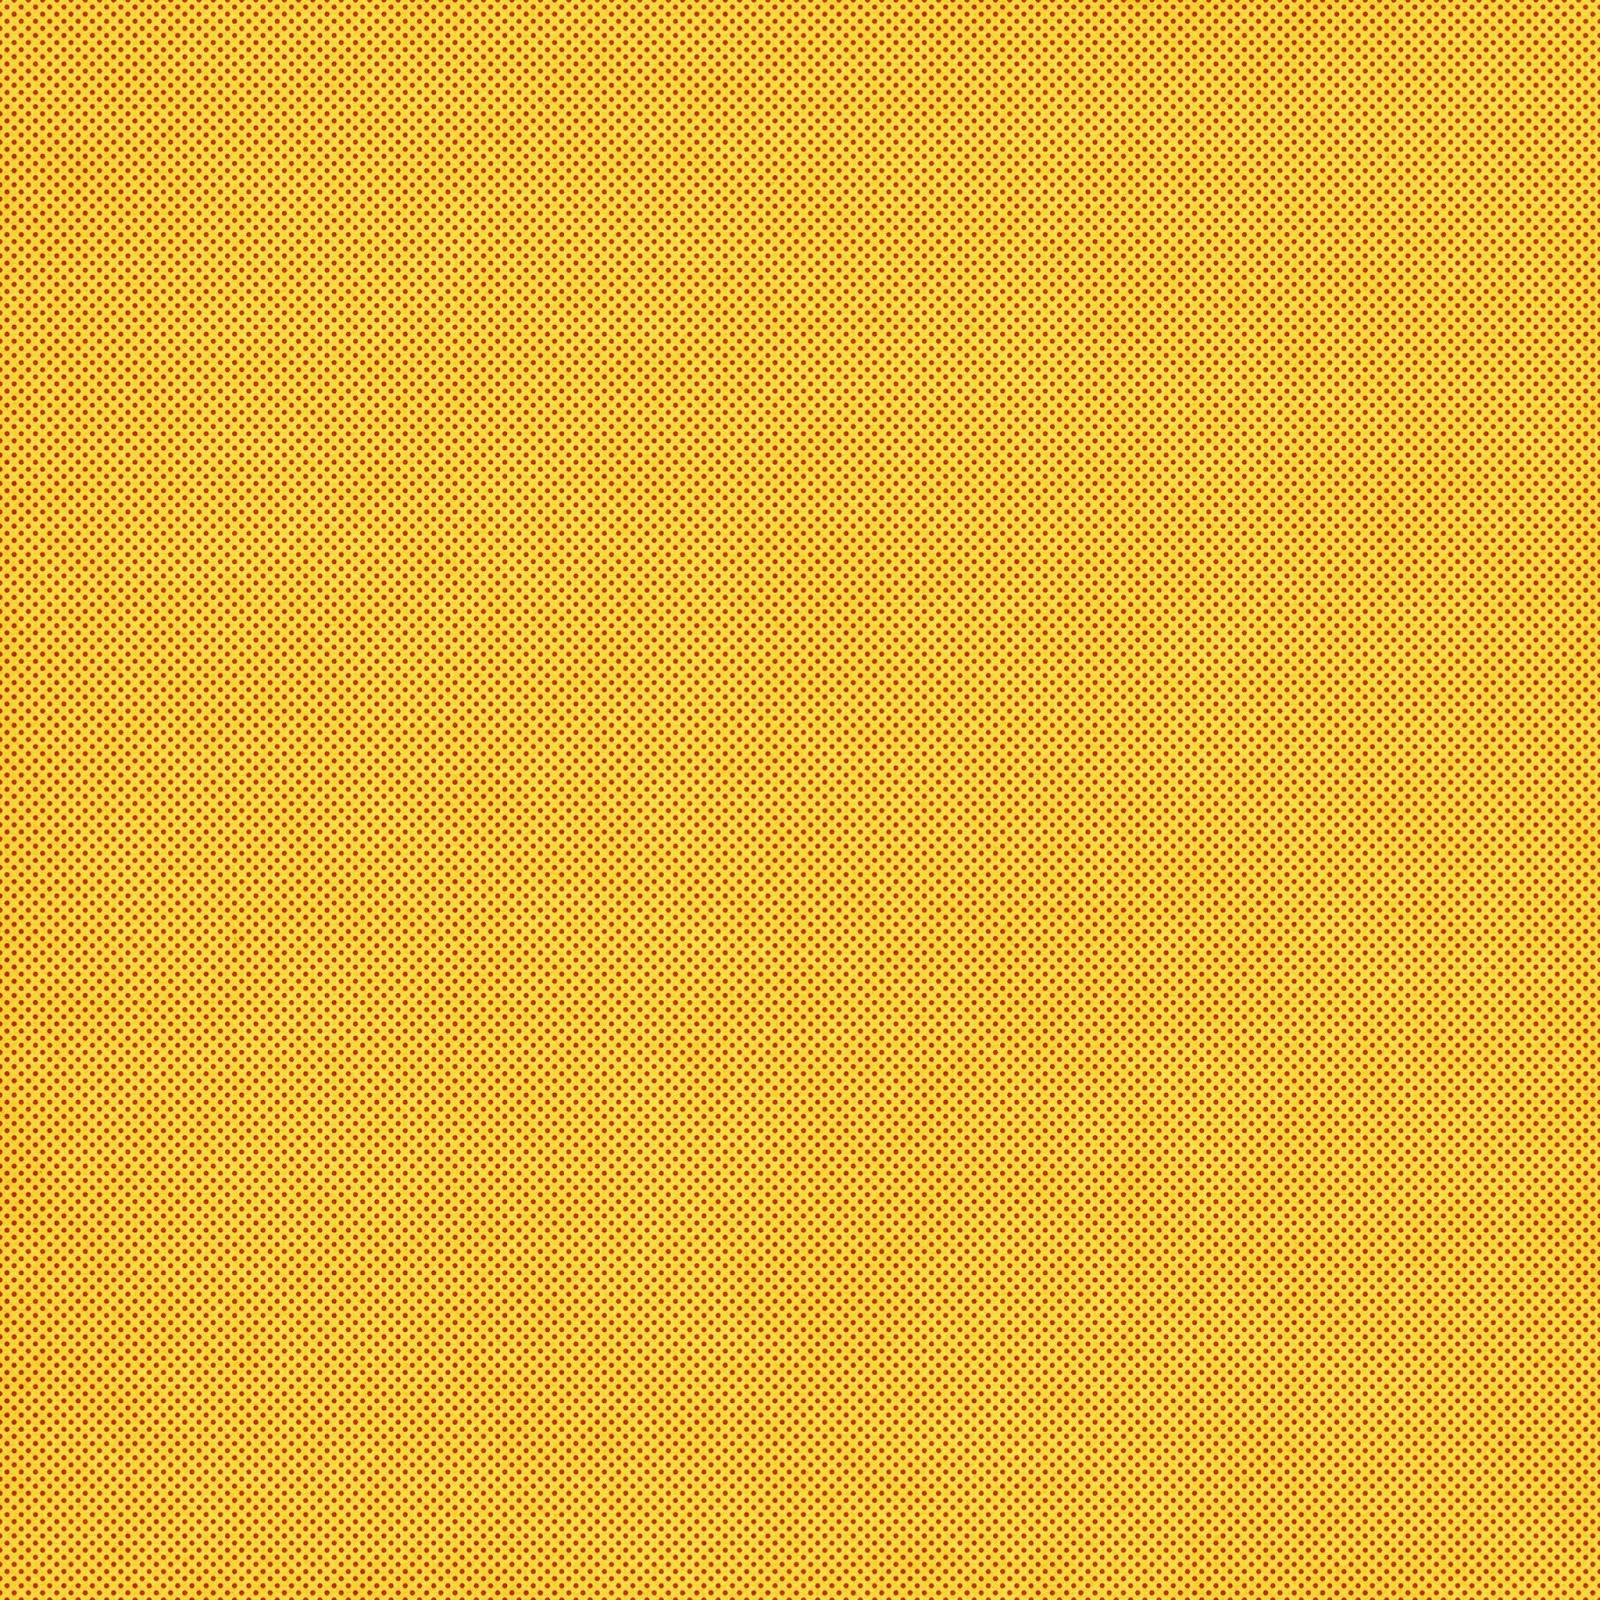 Fondo Amarillo Tipo Cómic.